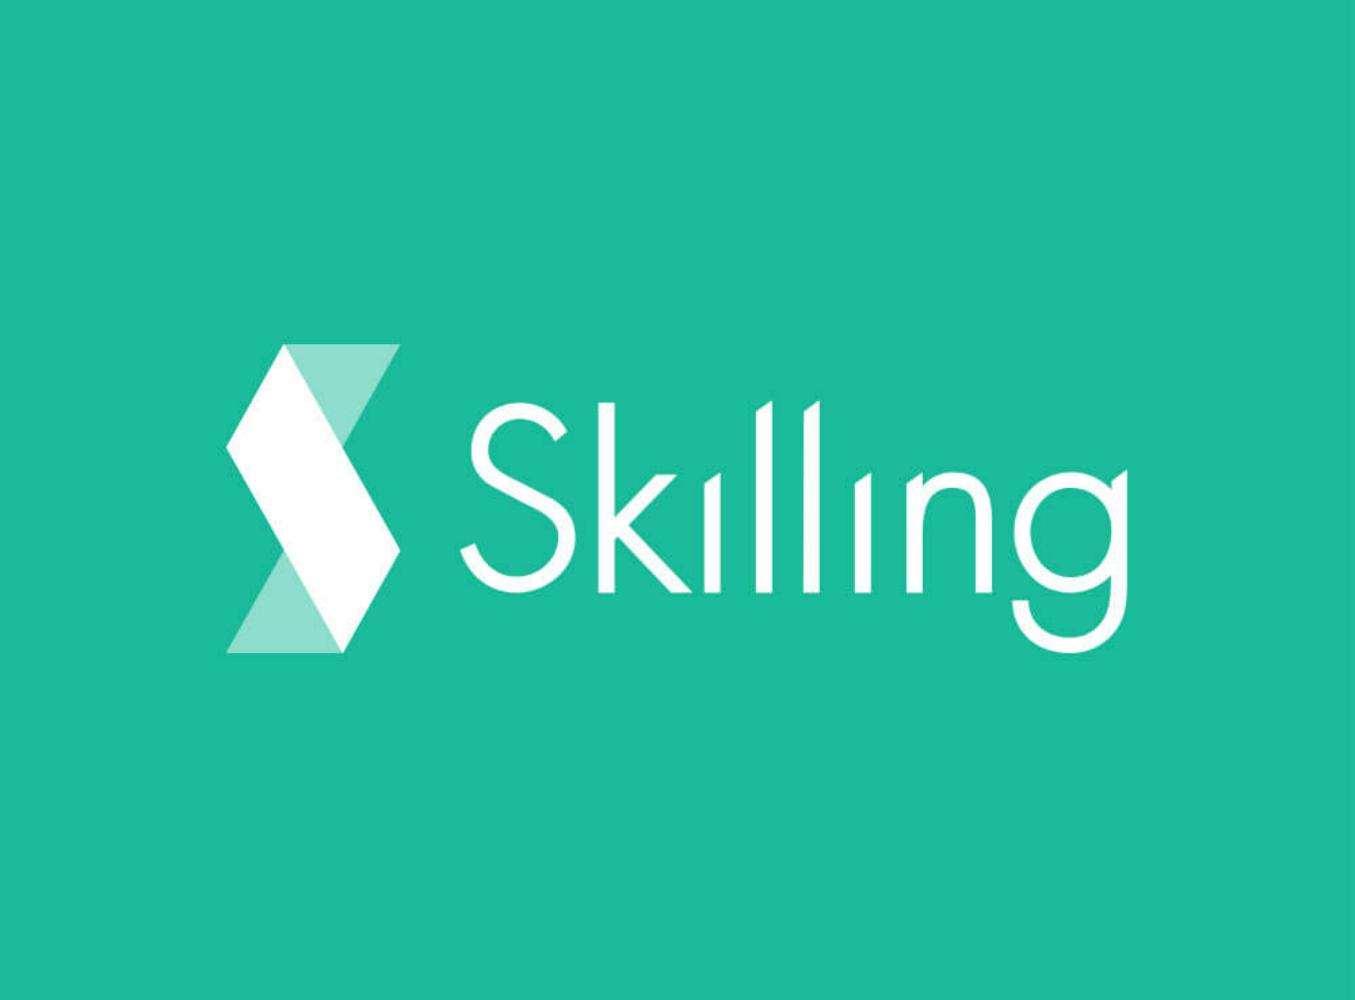 Обзор Брокера Skilling: торговые условия, платформа, преимущества